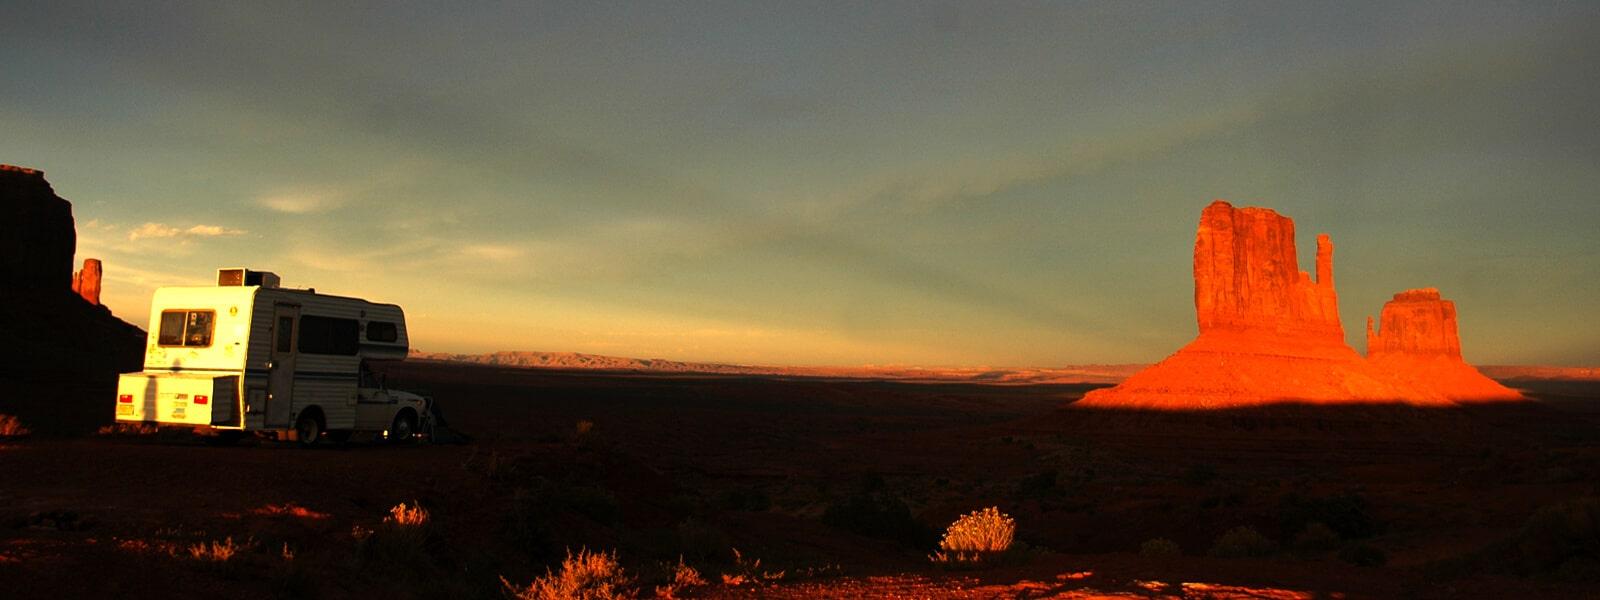 Monumeny Valley - AZ